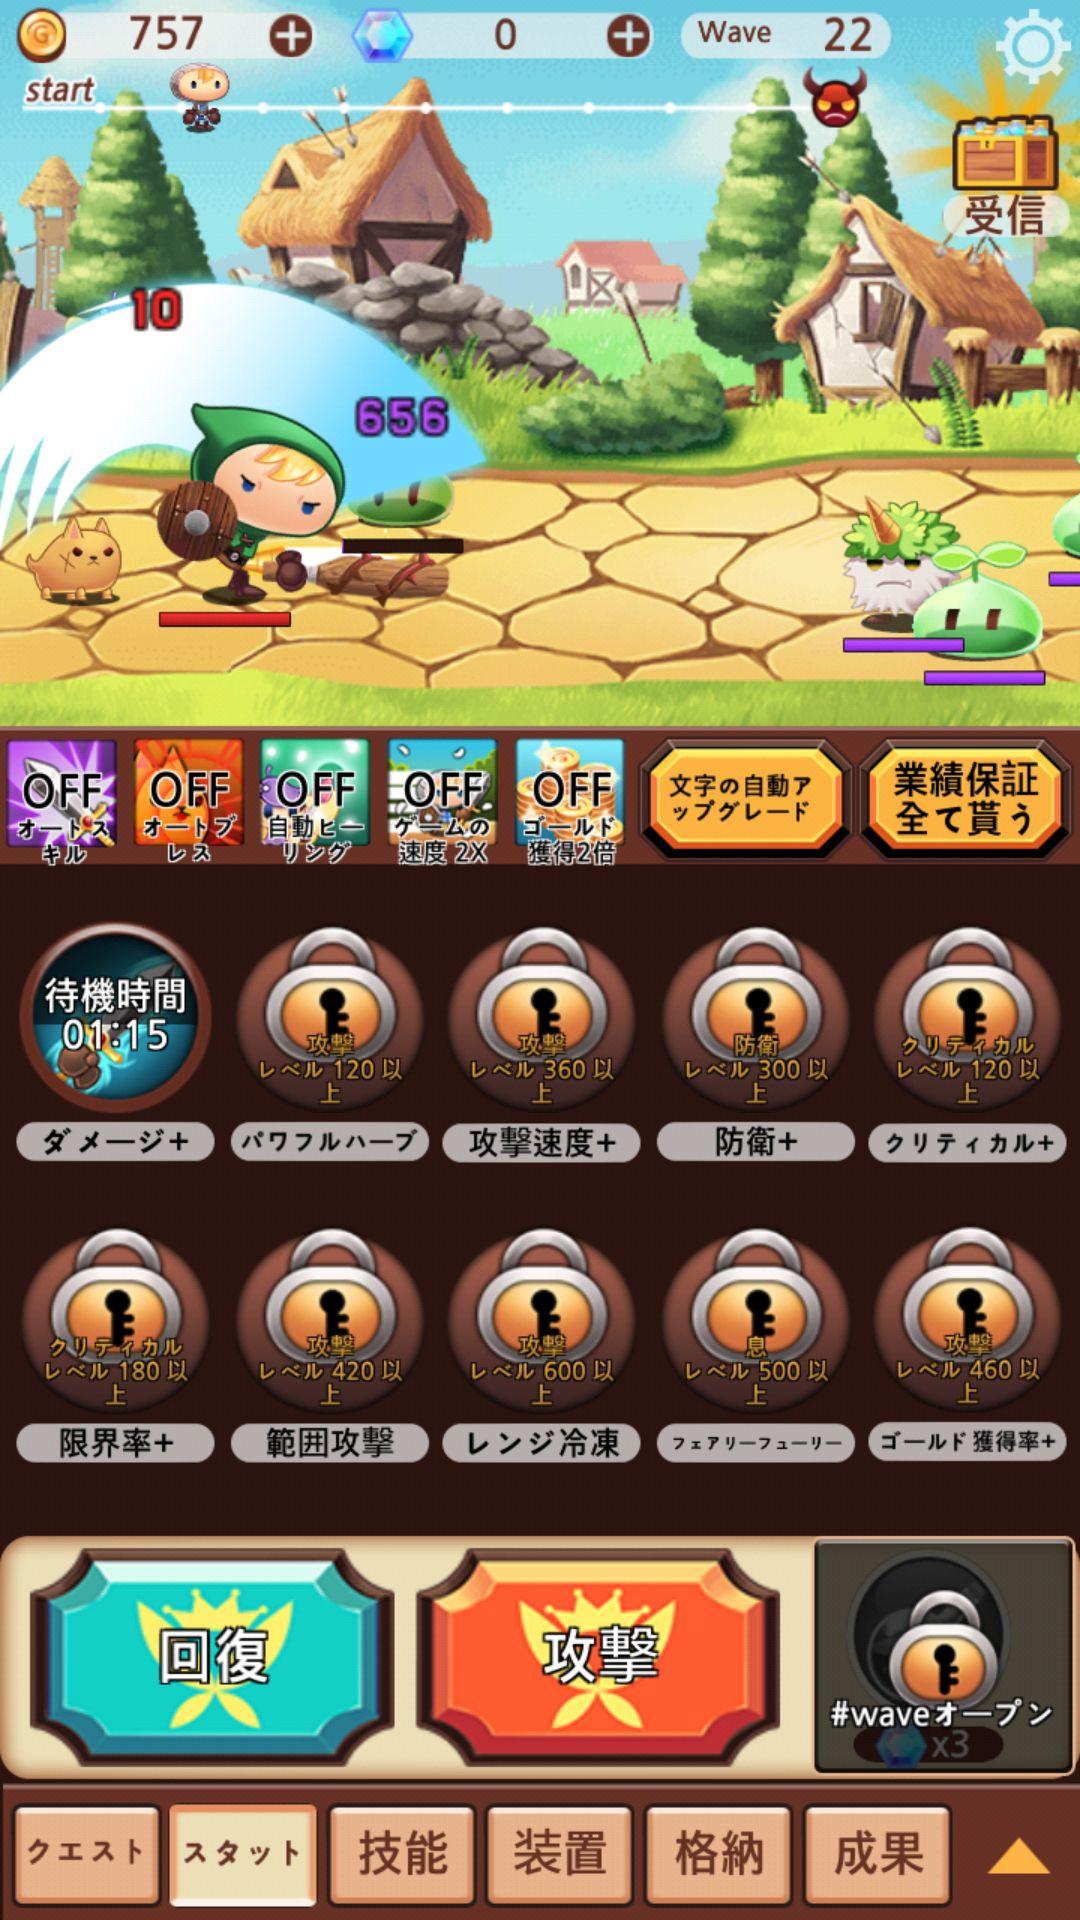 突然の勇士 androidアプリスクリーンショット1